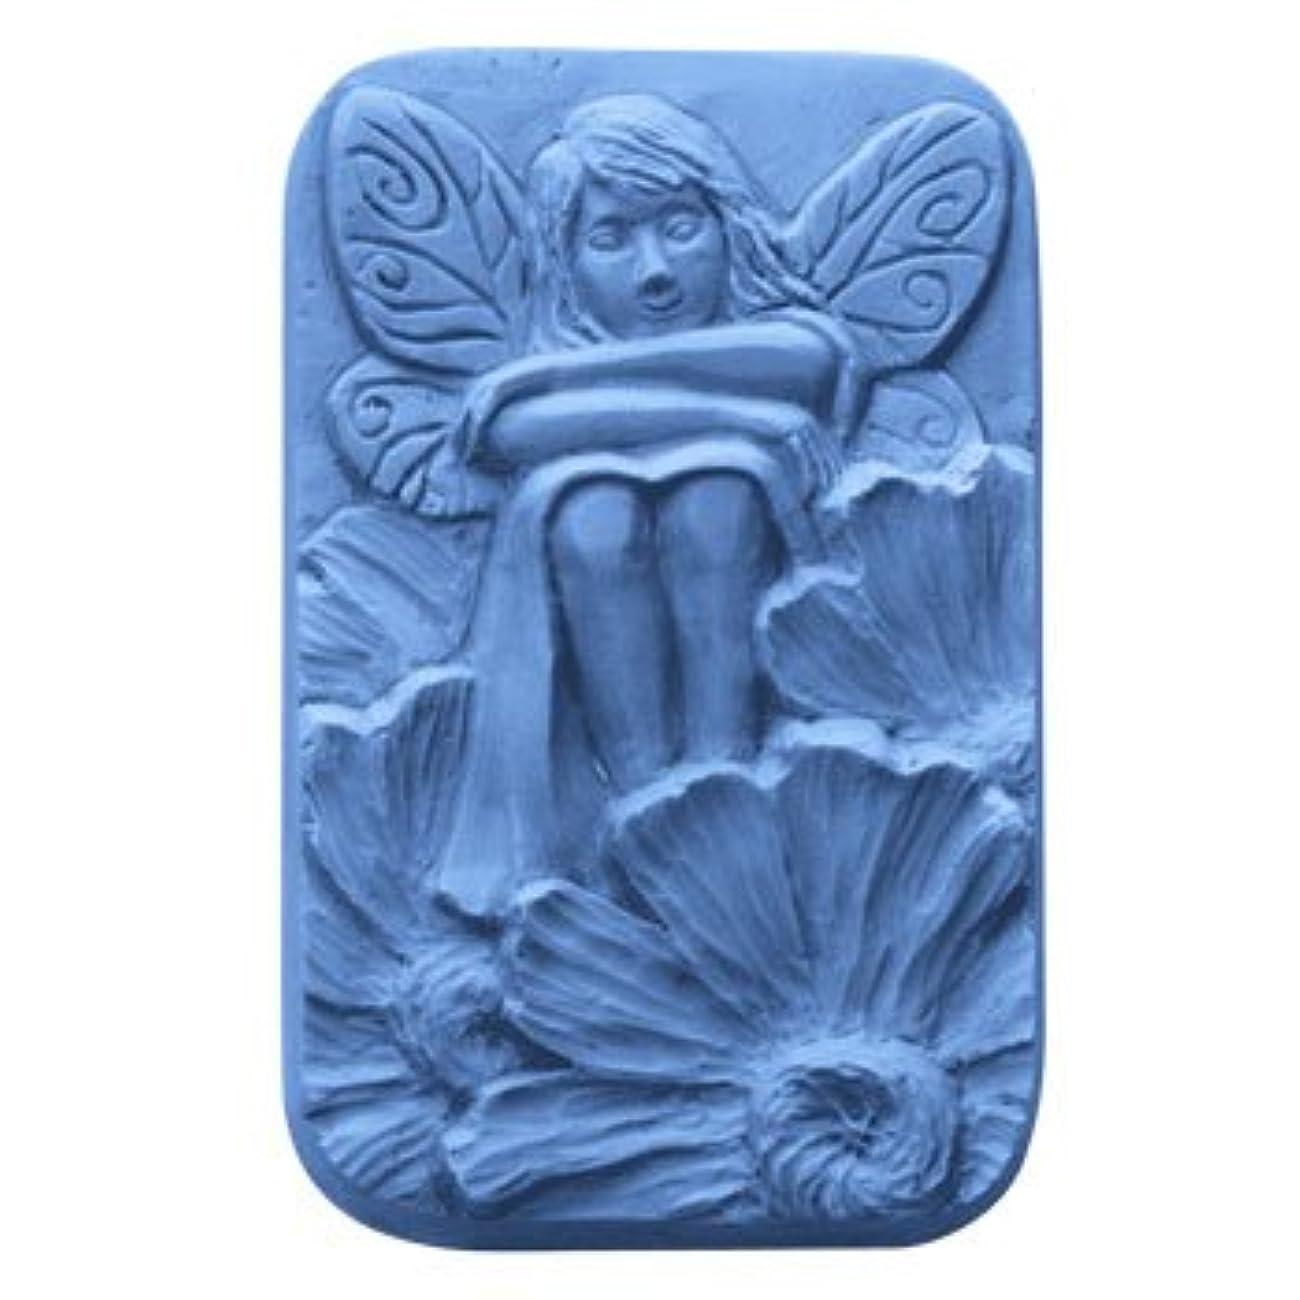 ミルキーウェイ フェアリー[妖精] 【ソープモールド/石鹸型/シートモールド】